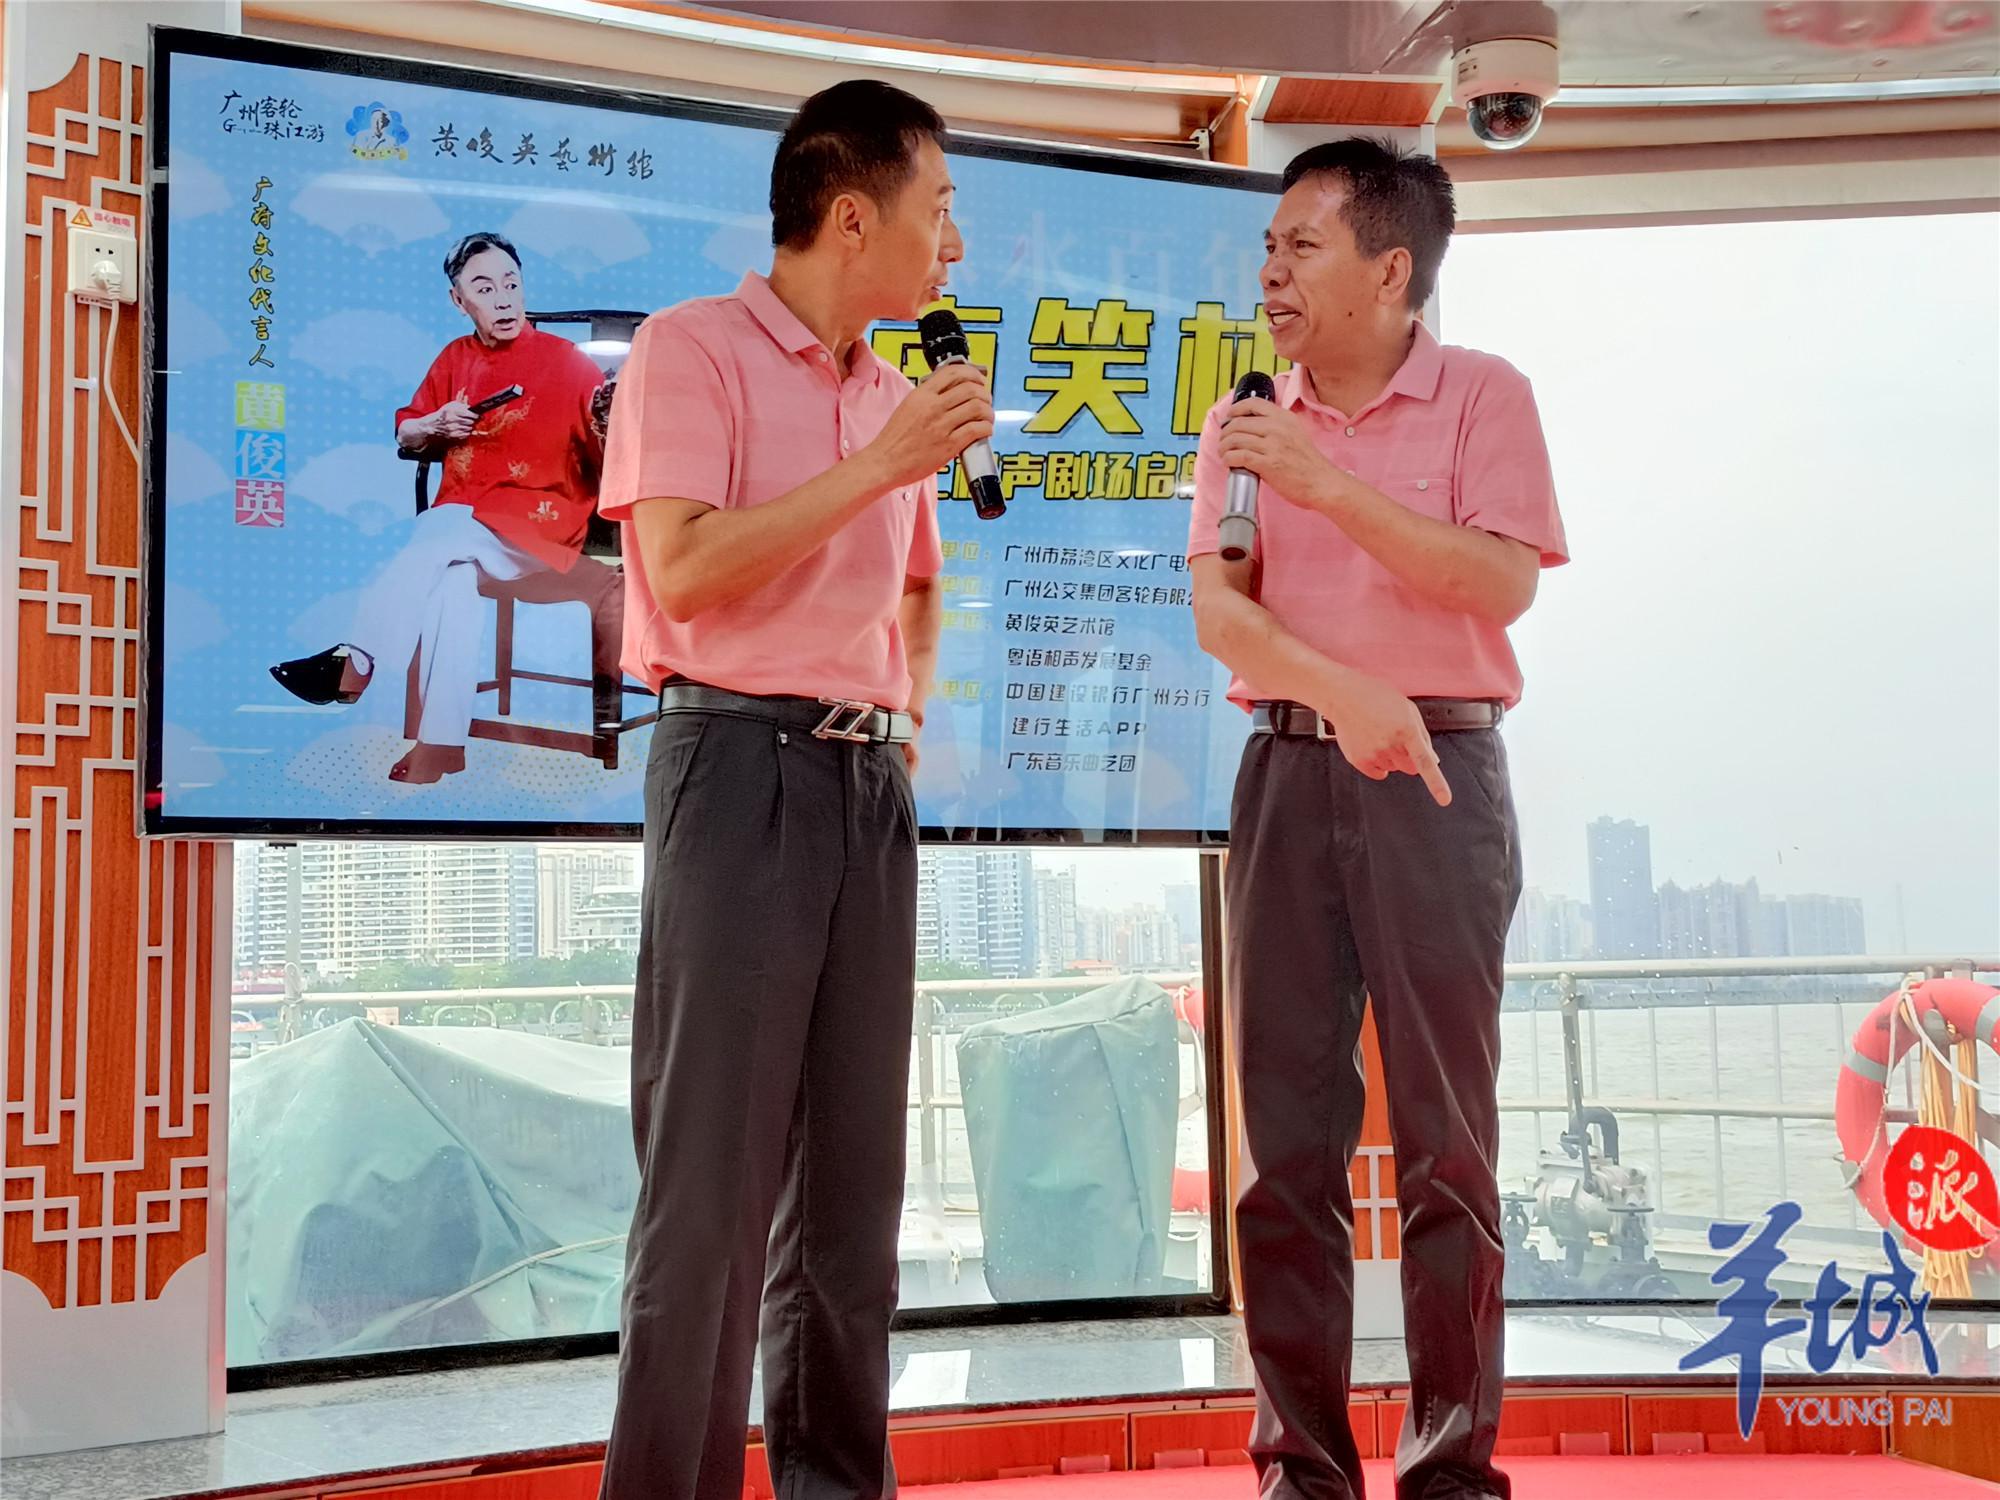 粤语相声演员在船上表演